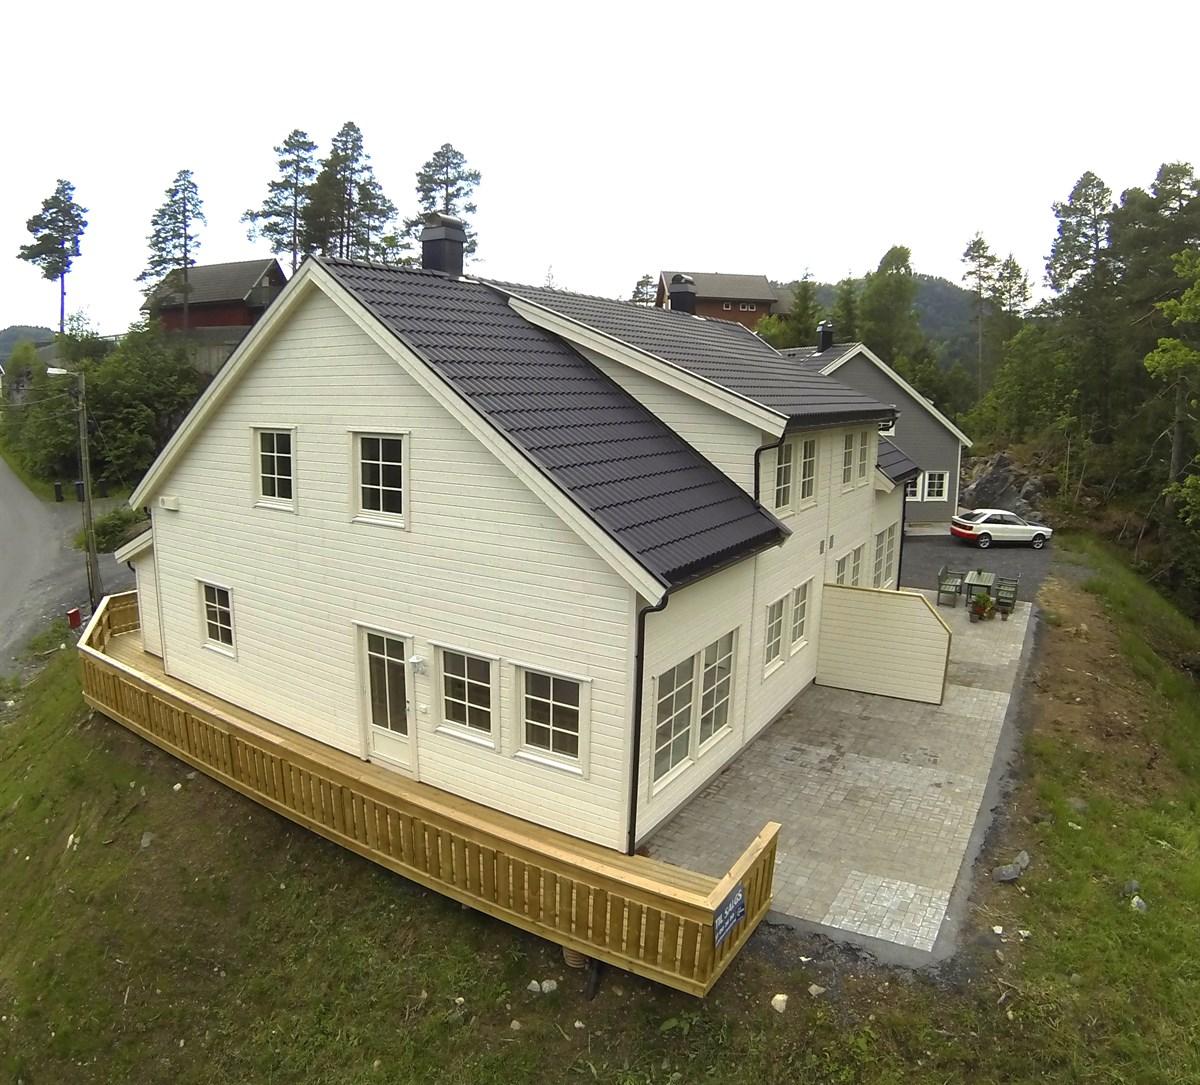 Tomannsbolig - søndeled - 1 990 000,- - Meglerhuset & Partners